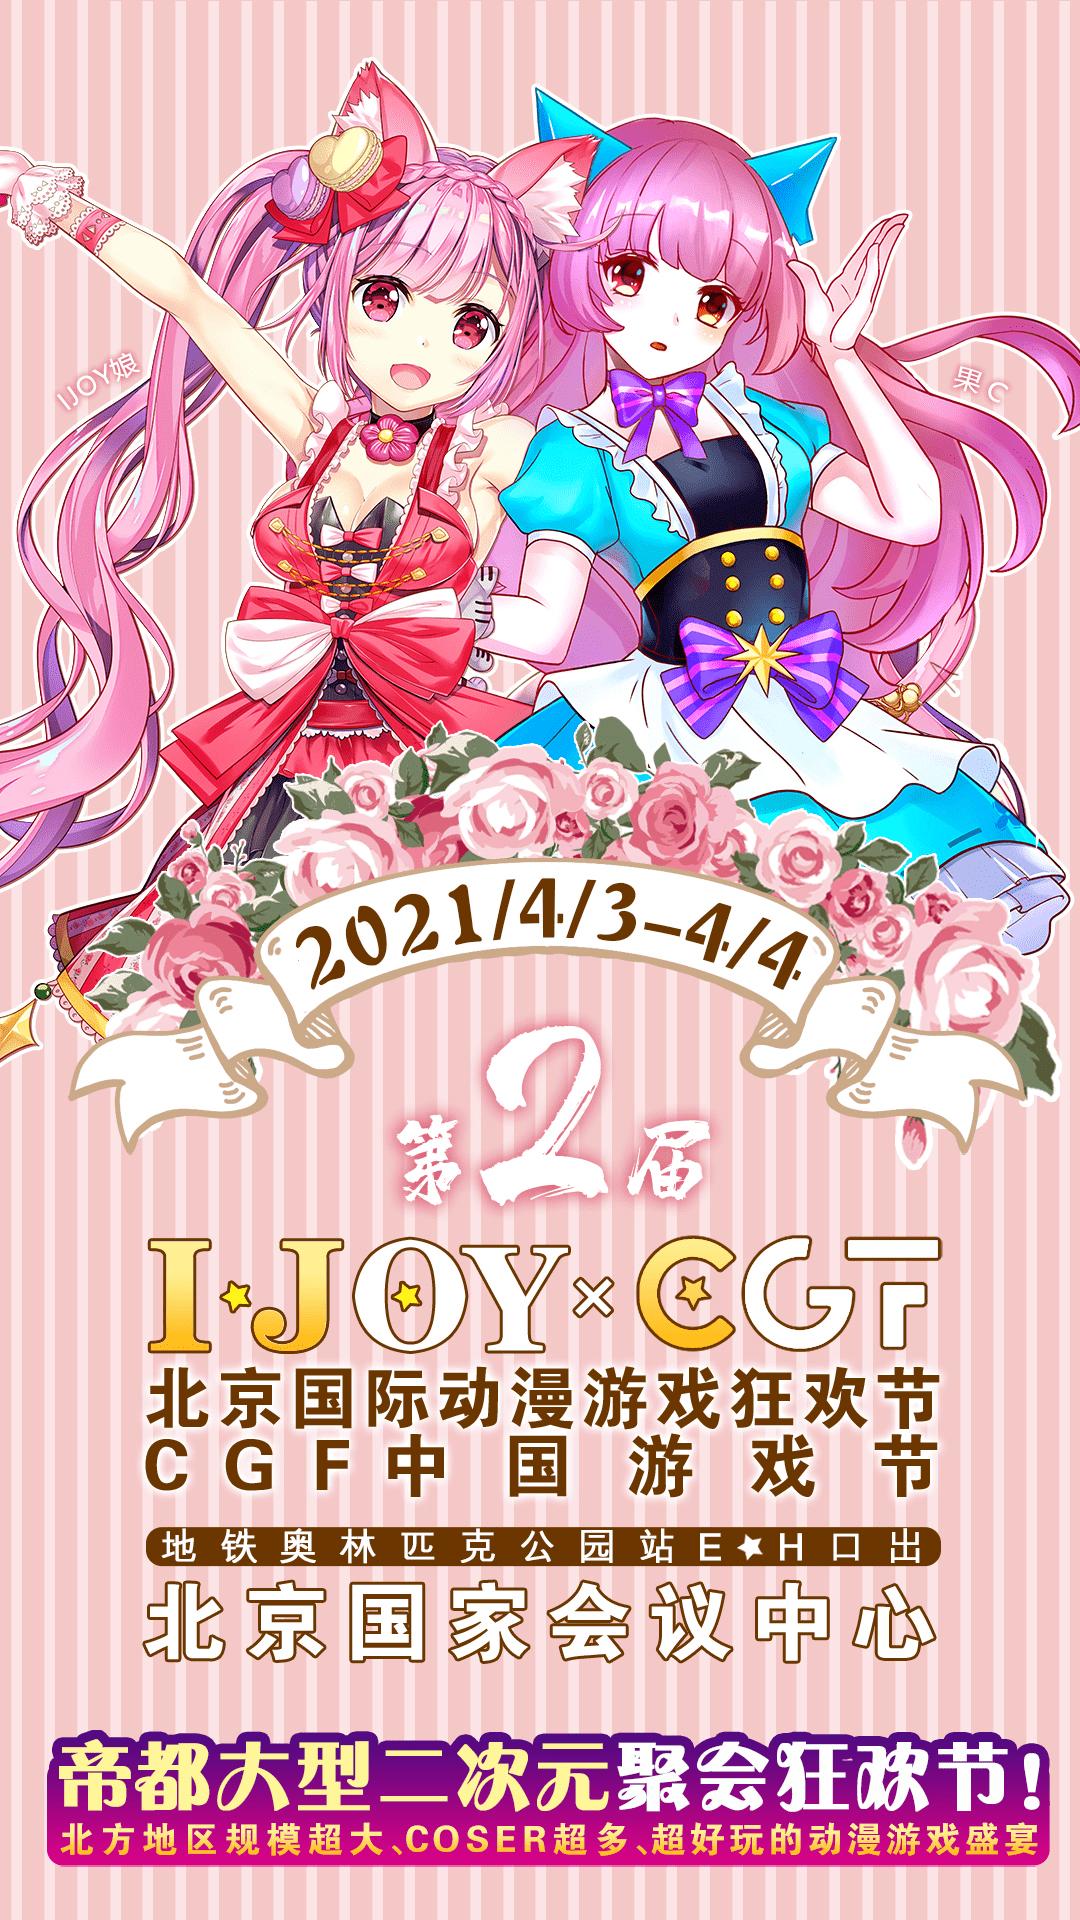 清明假期IJOY × CGF北京大型动漫游戏狂欢节 和小伙伴们相约北京国家会议中心 展会活动-第1张